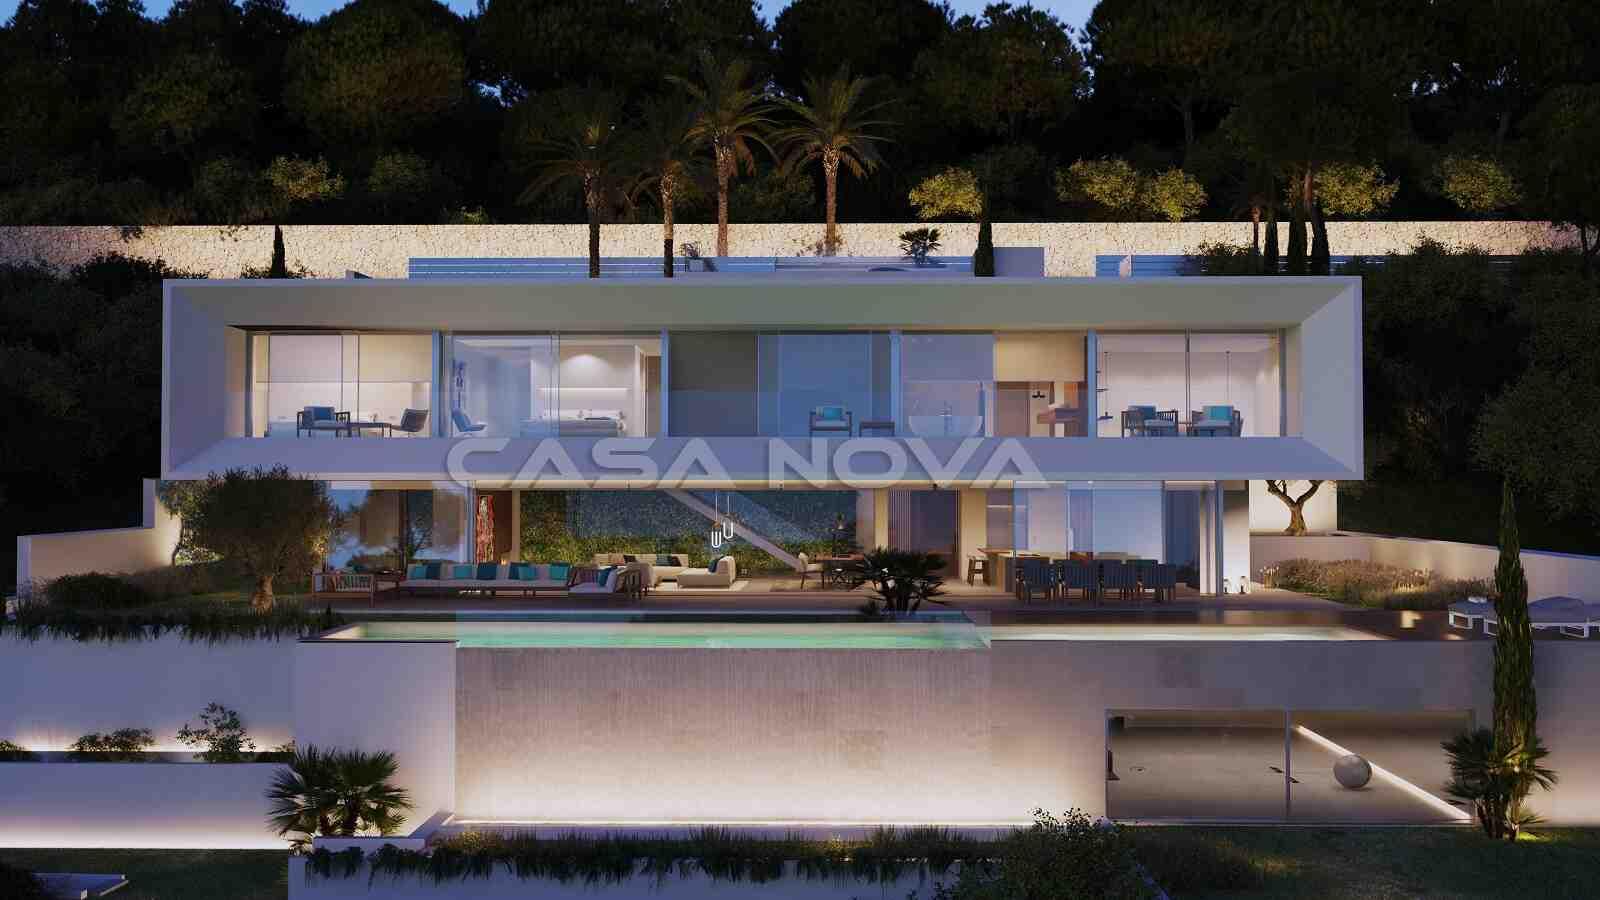 Eindrucksvolle Neubauvilla im modernen Stil